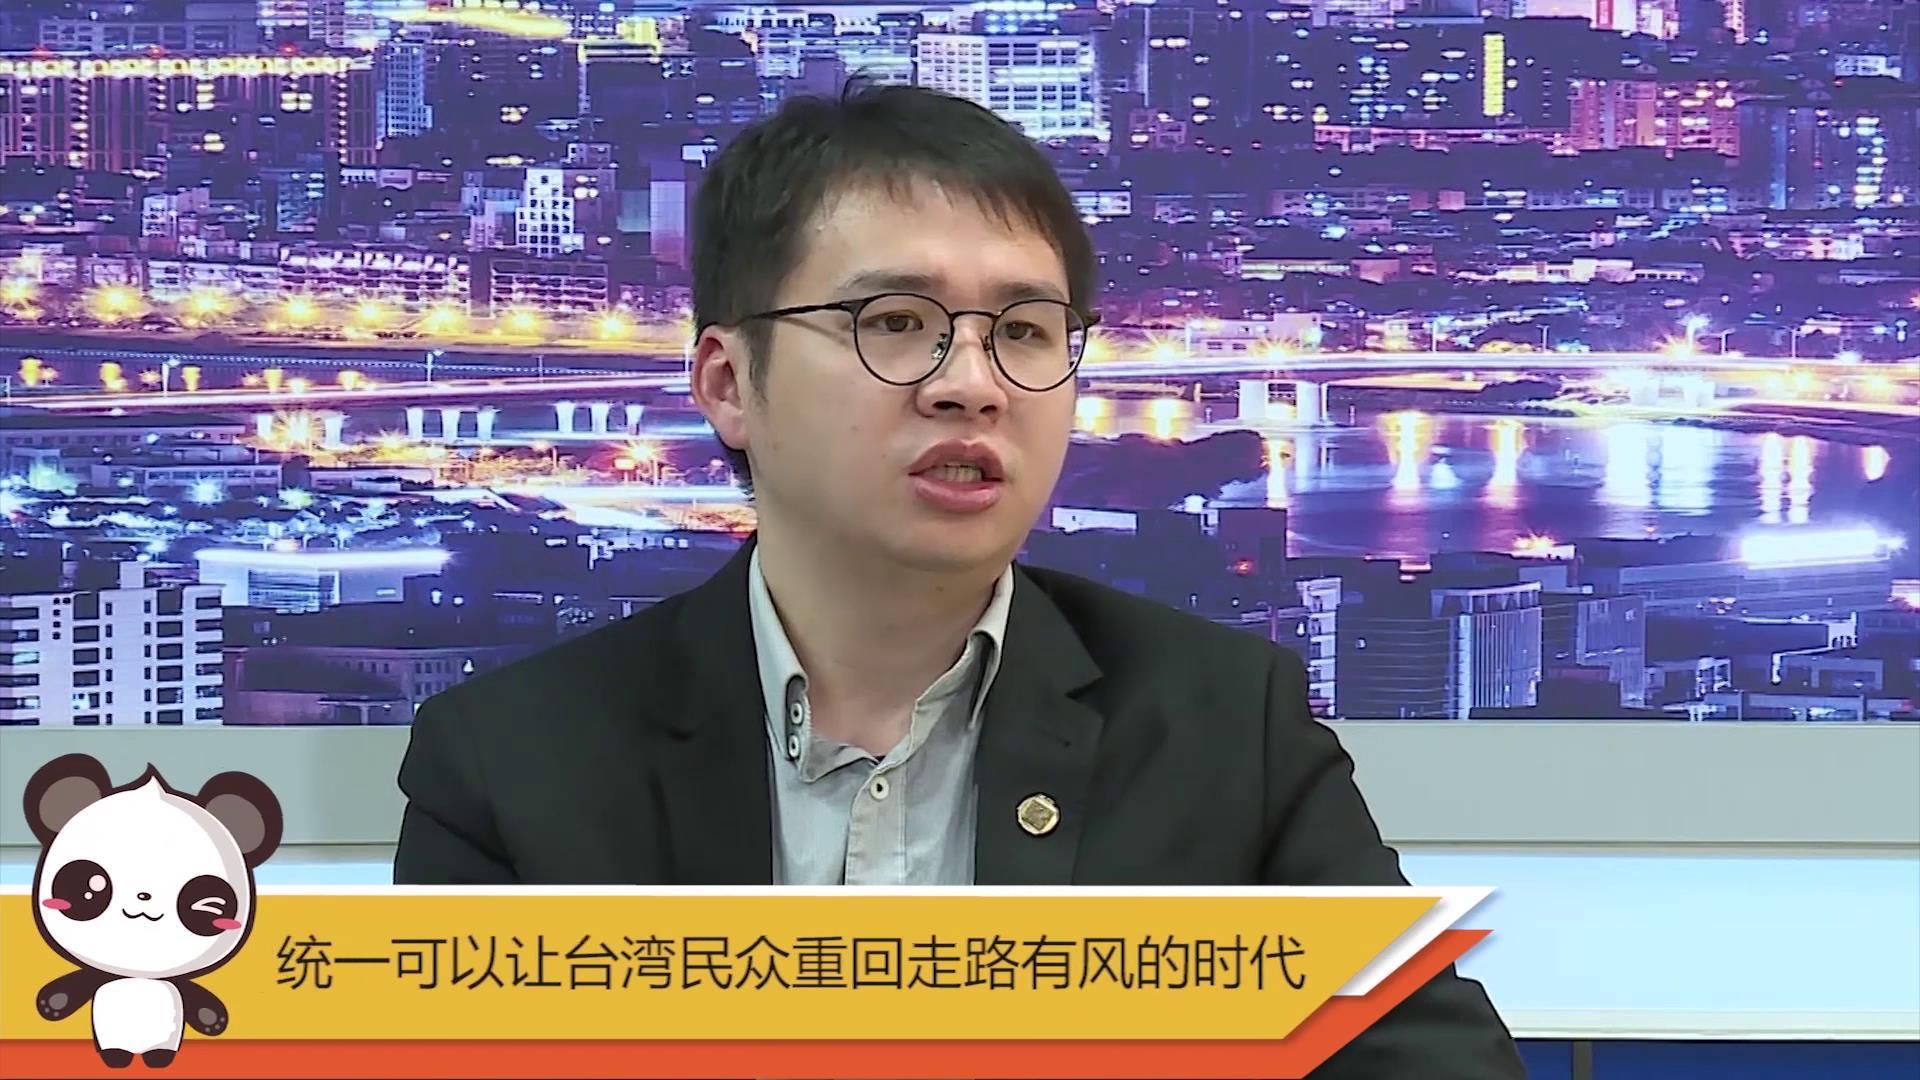 【融融看两会】统一可以让台湾民众重回走路有风的时代图片